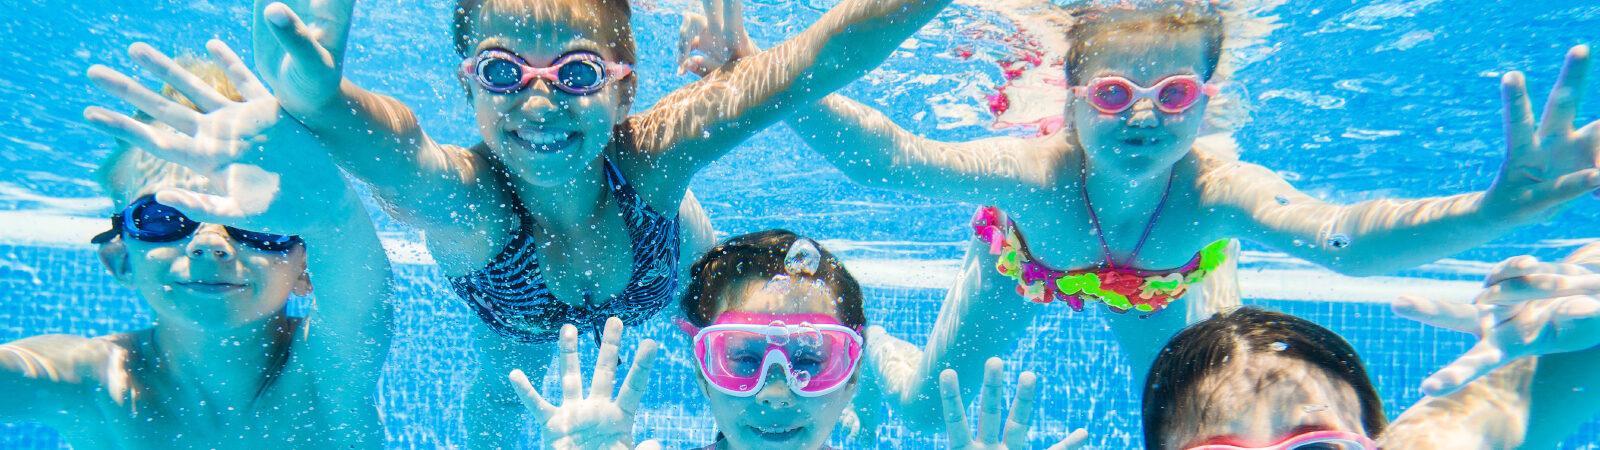 20210127_slide_schwimmzentrum